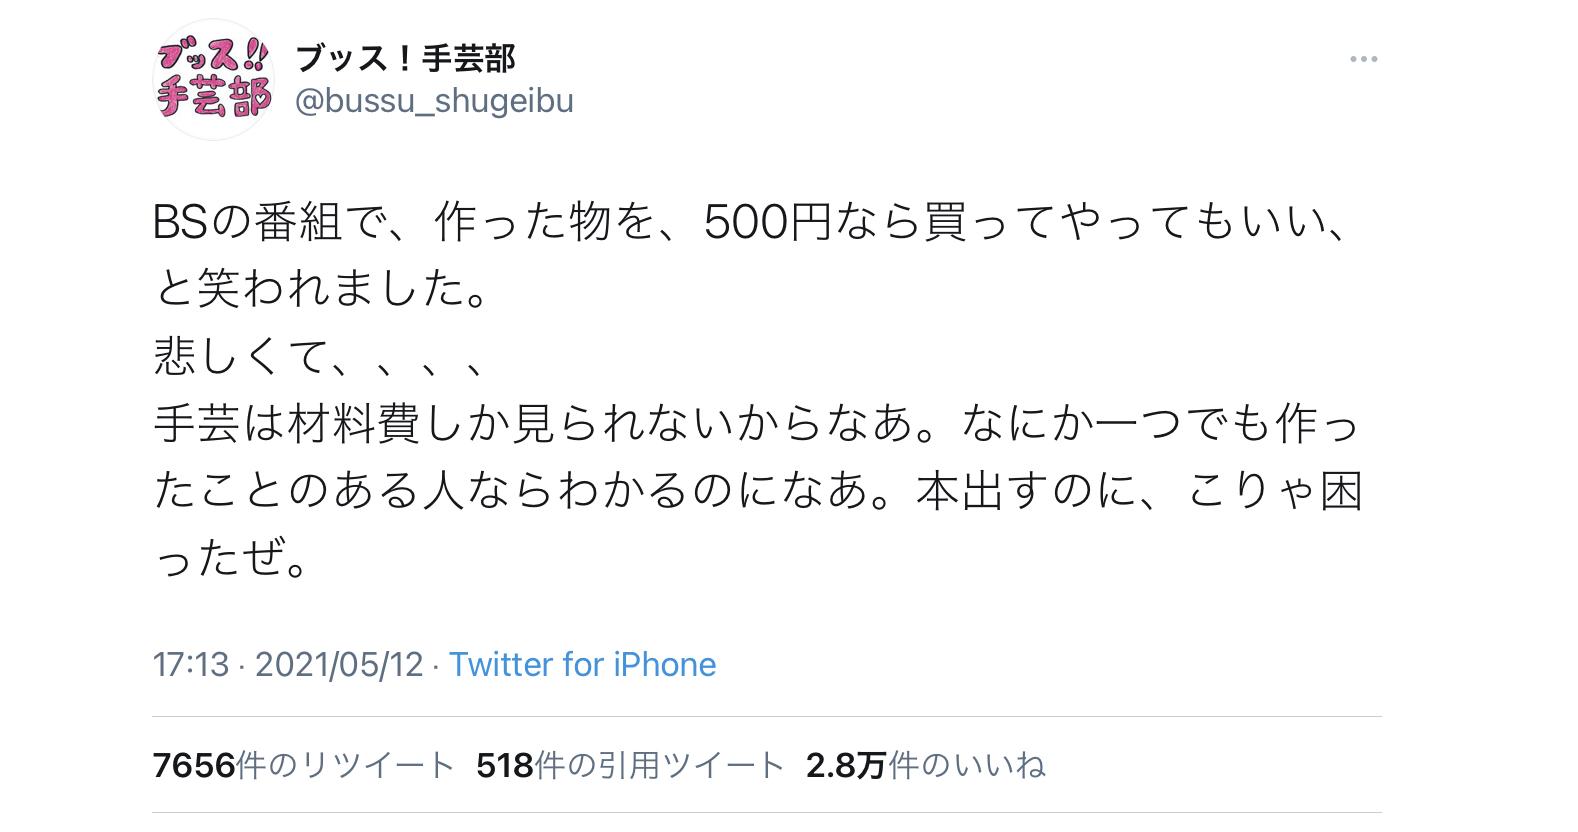 光浦靖子さんのTwitter